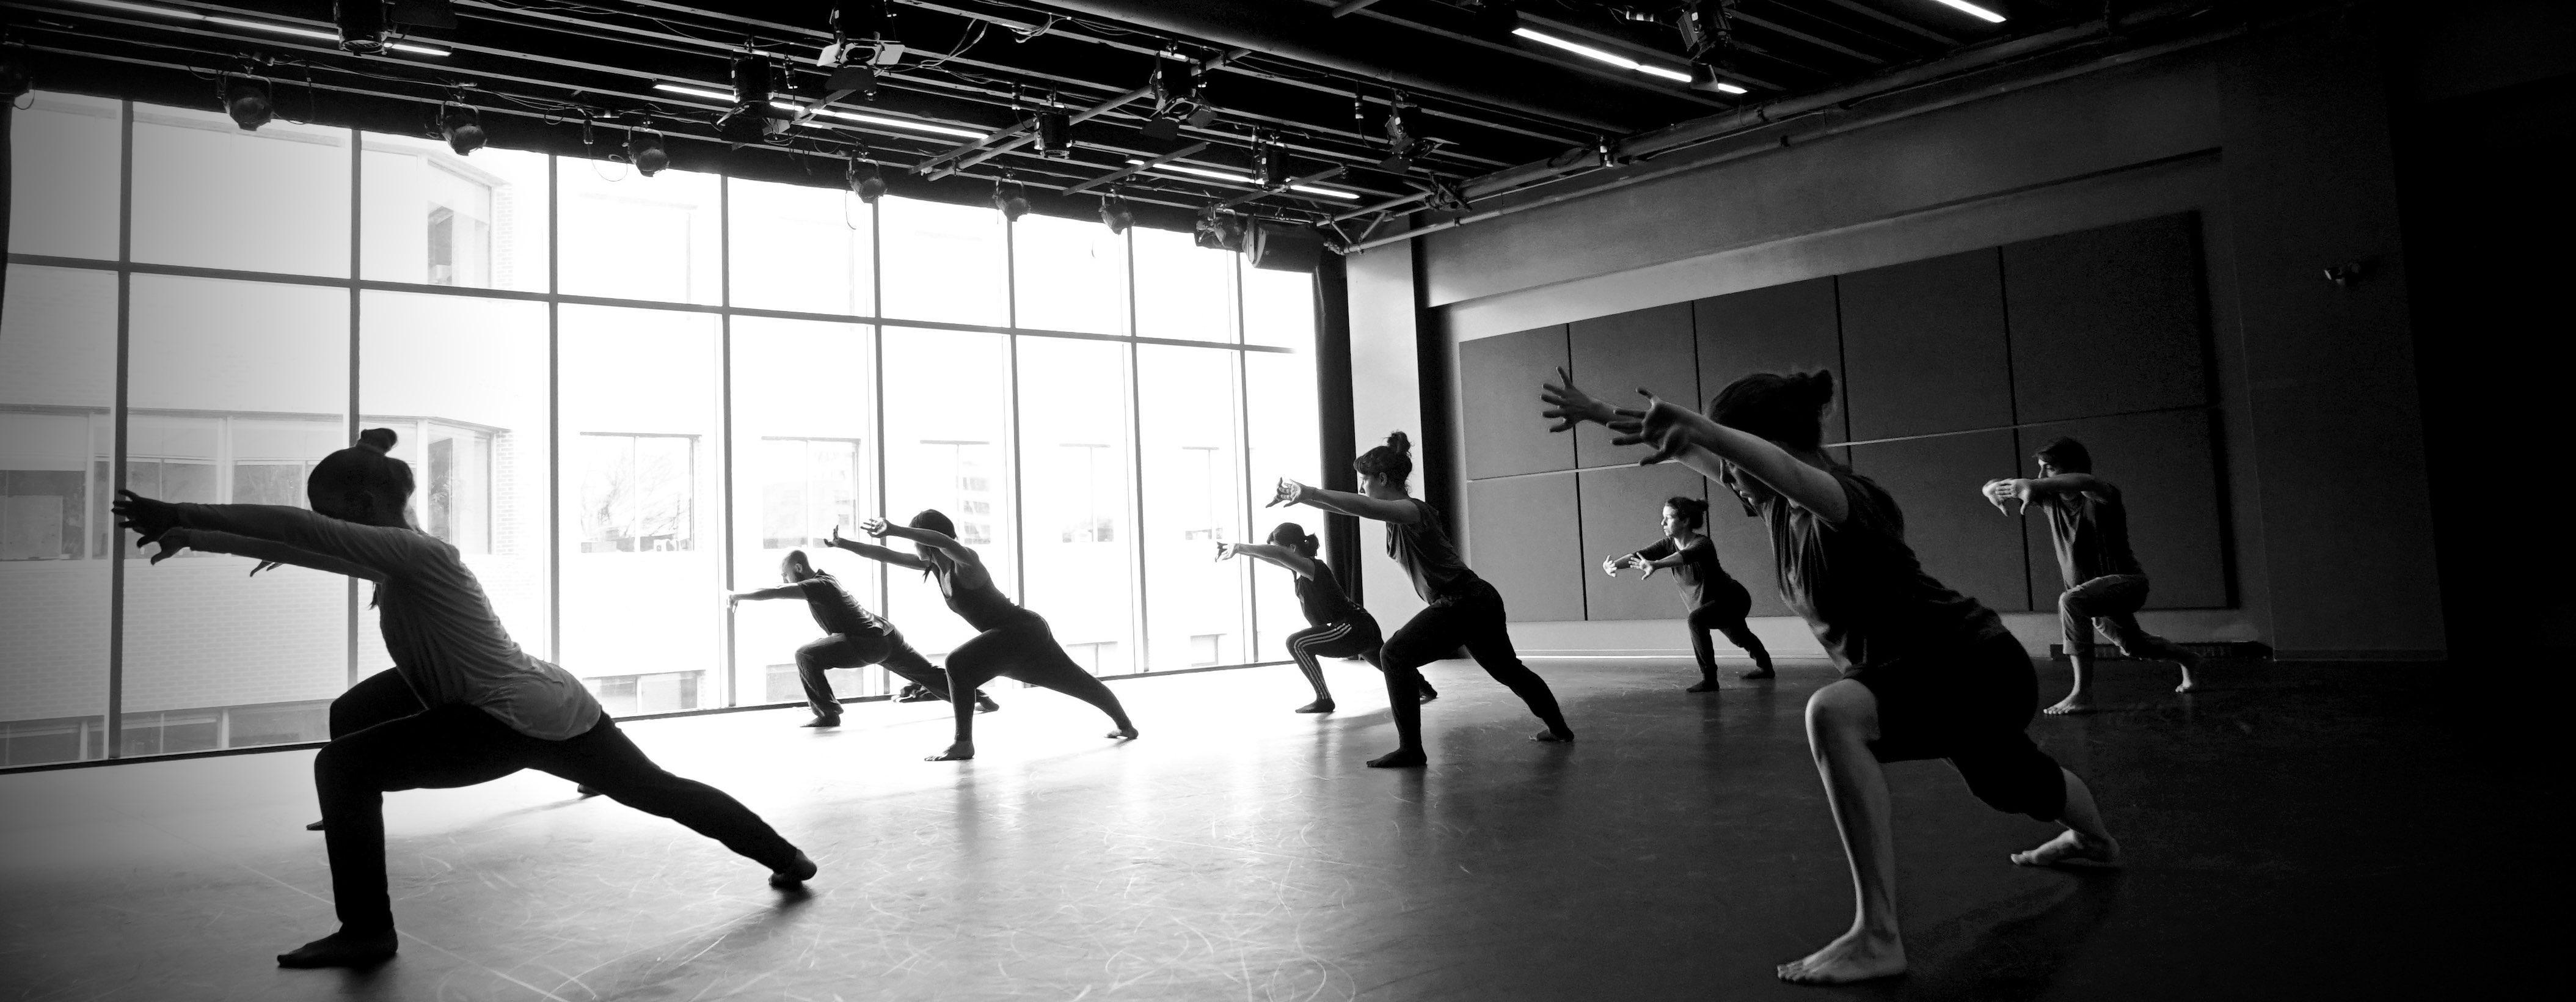 Adhésions Maison pour la danse - Communauté